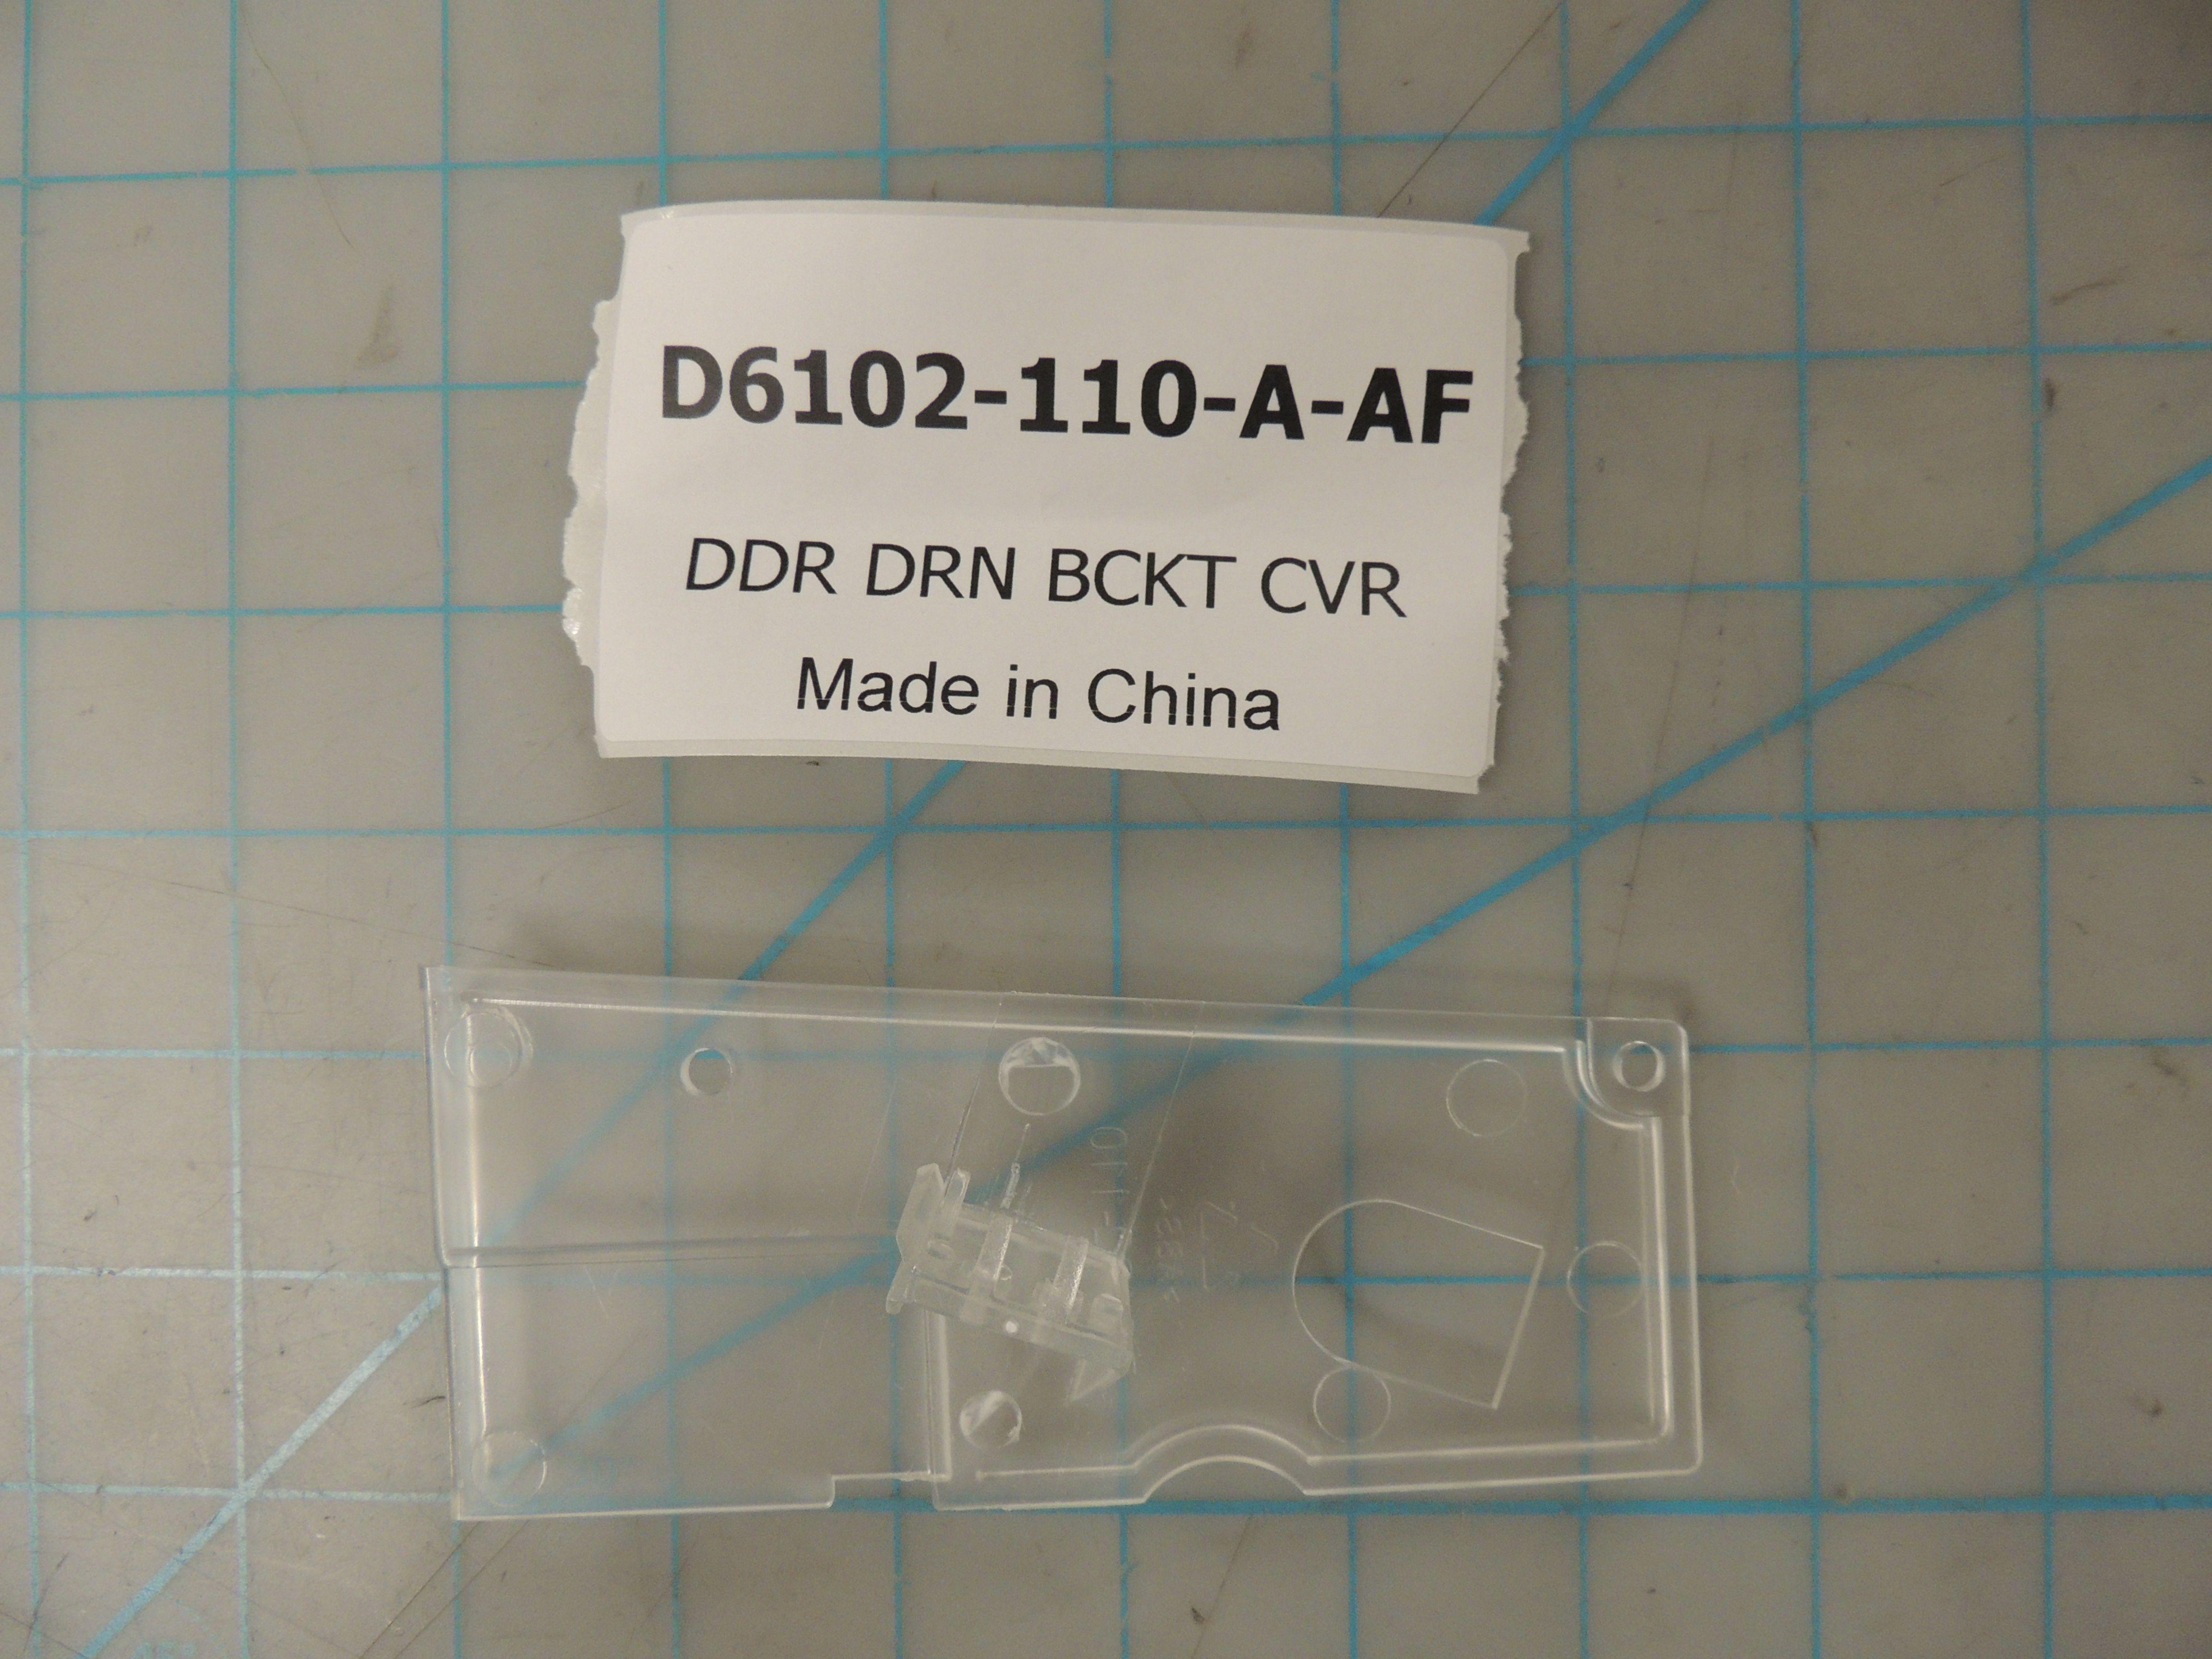 DDR DRN BCKT CVR